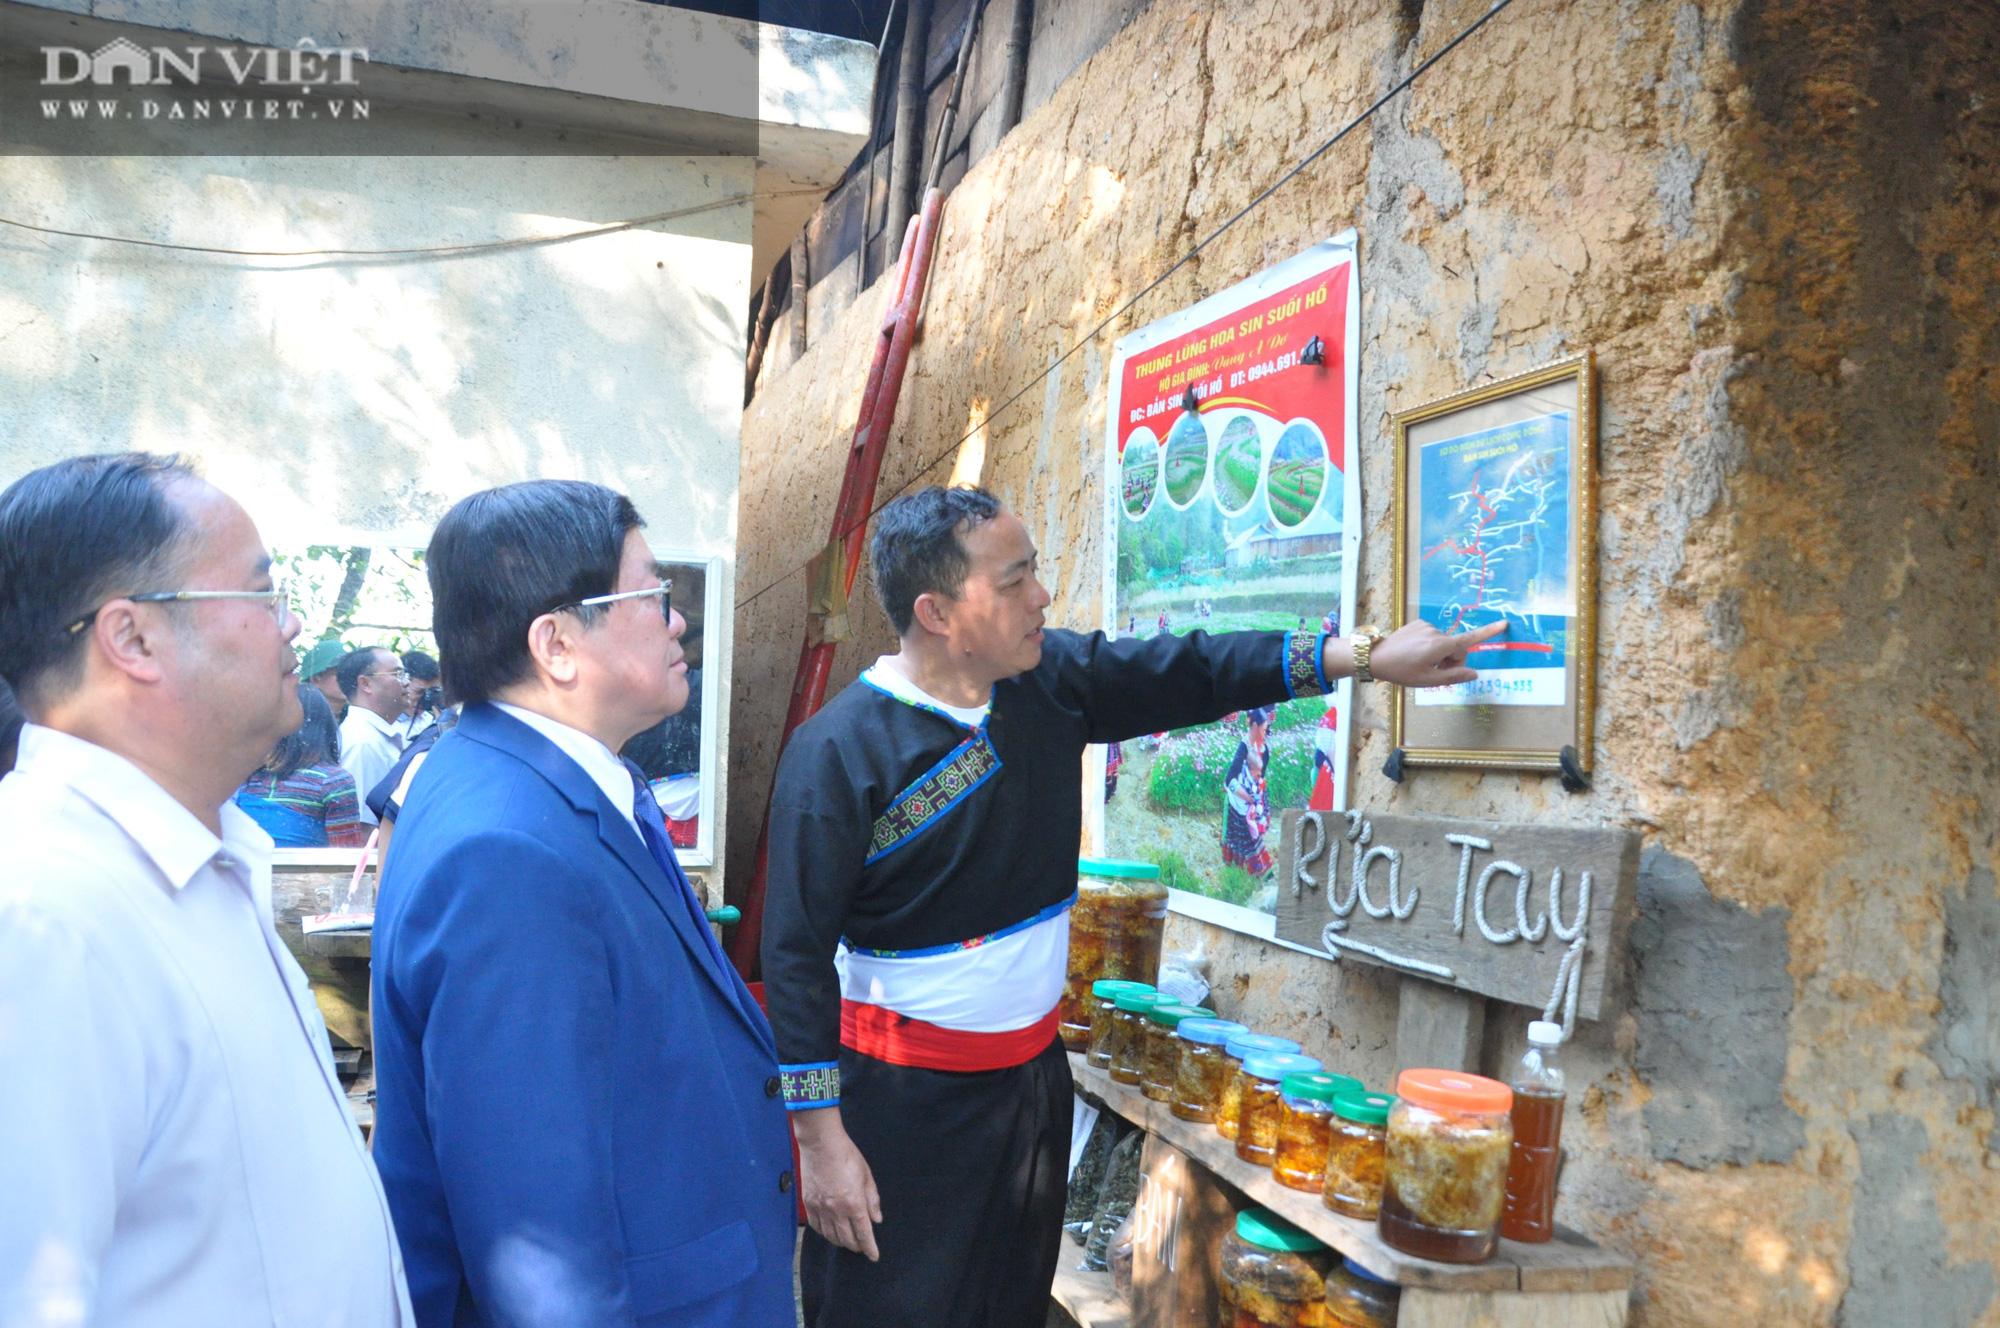 """Chủ tịch Hội Nông dân Việt Nam thăm bản """"5 không"""" lạ lùng bên đỉnh Sơn Bạc Mây - Ảnh 2."""